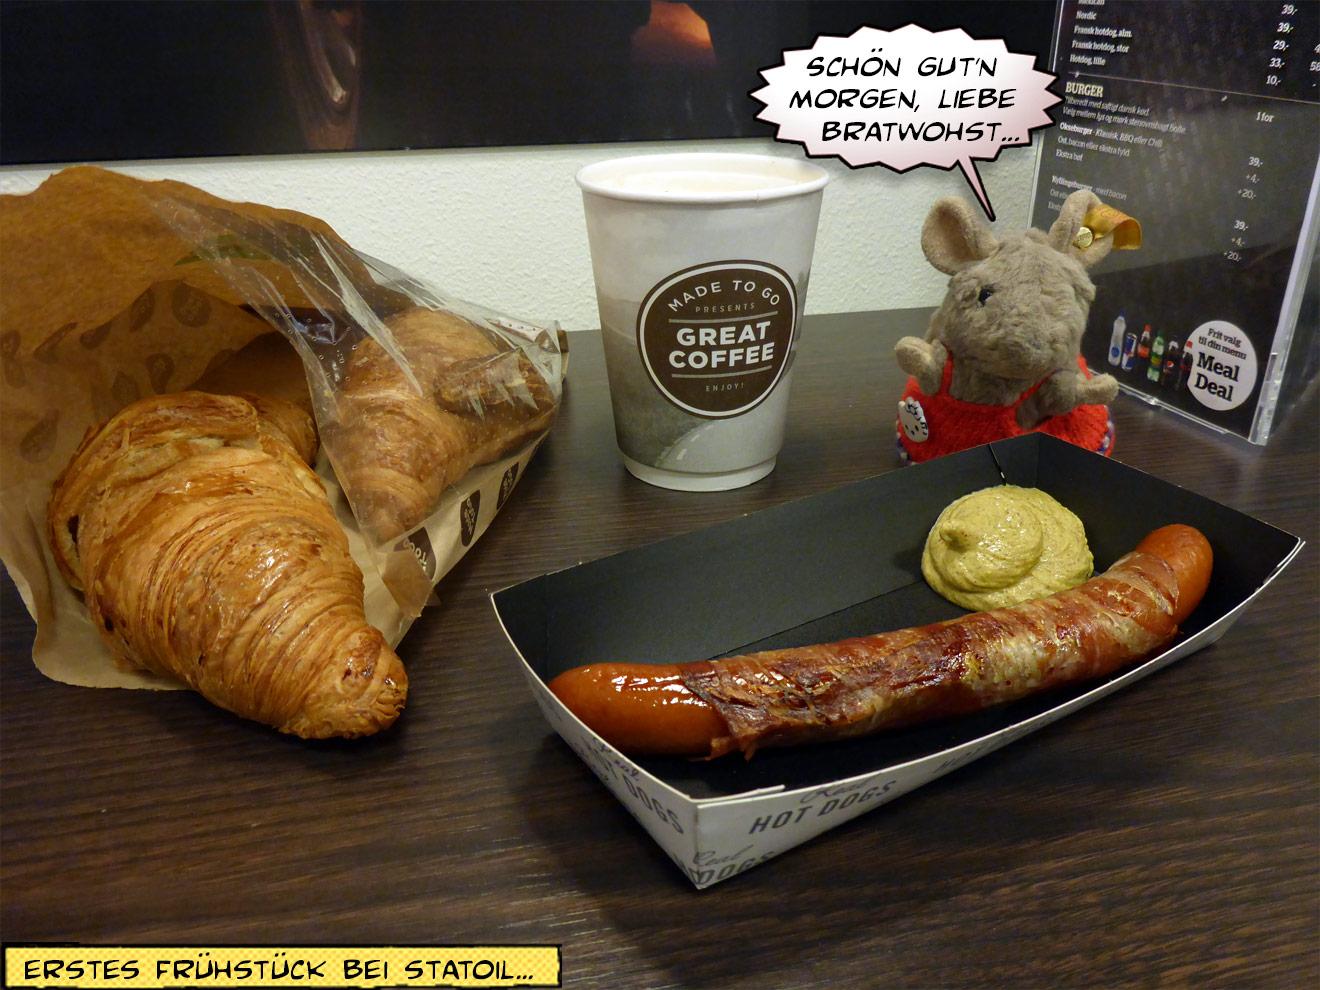 Hotdog und Croissants